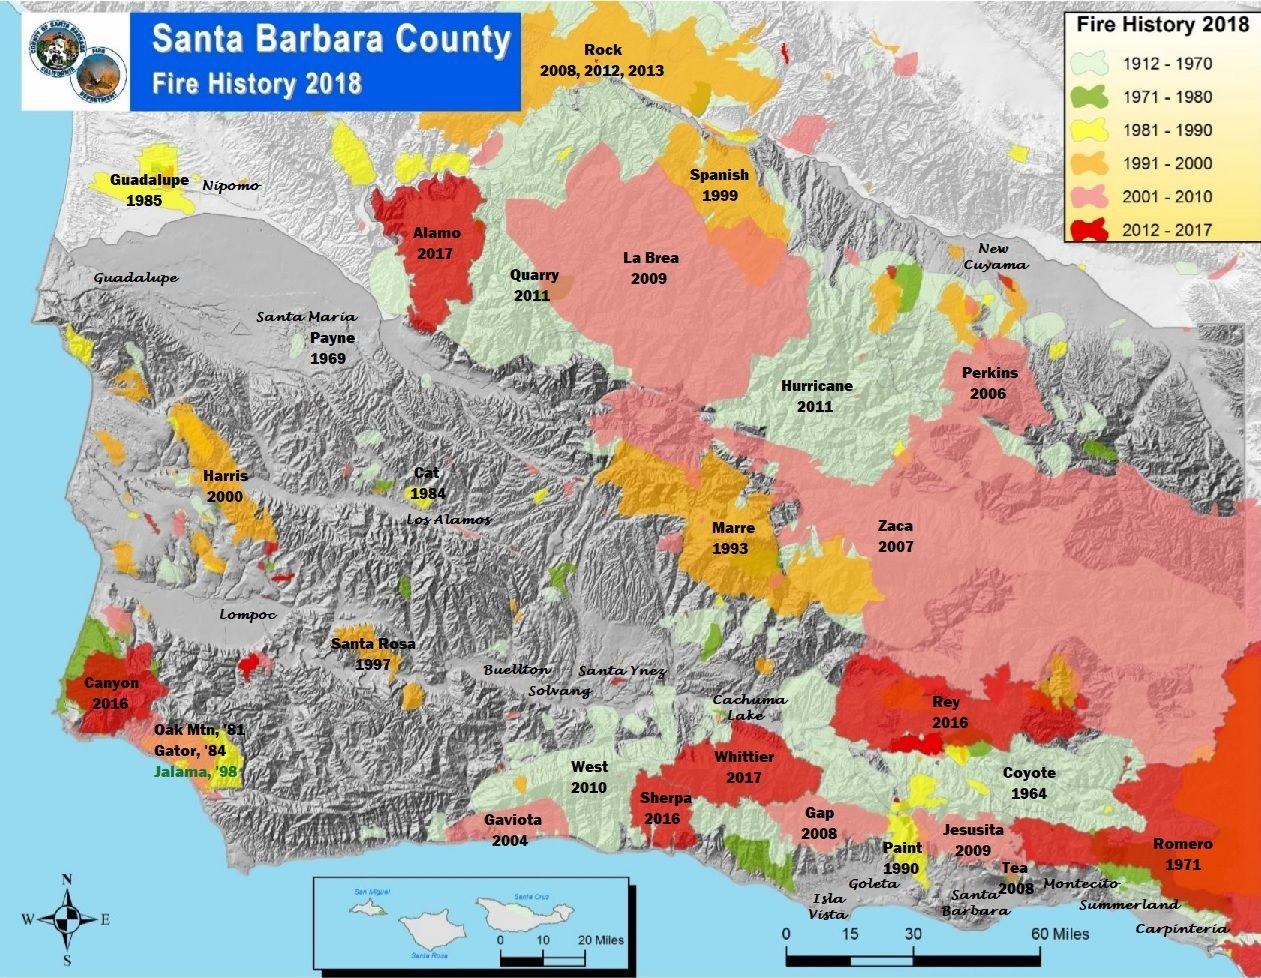 Major fires in Santa Barbara County 1912-2018